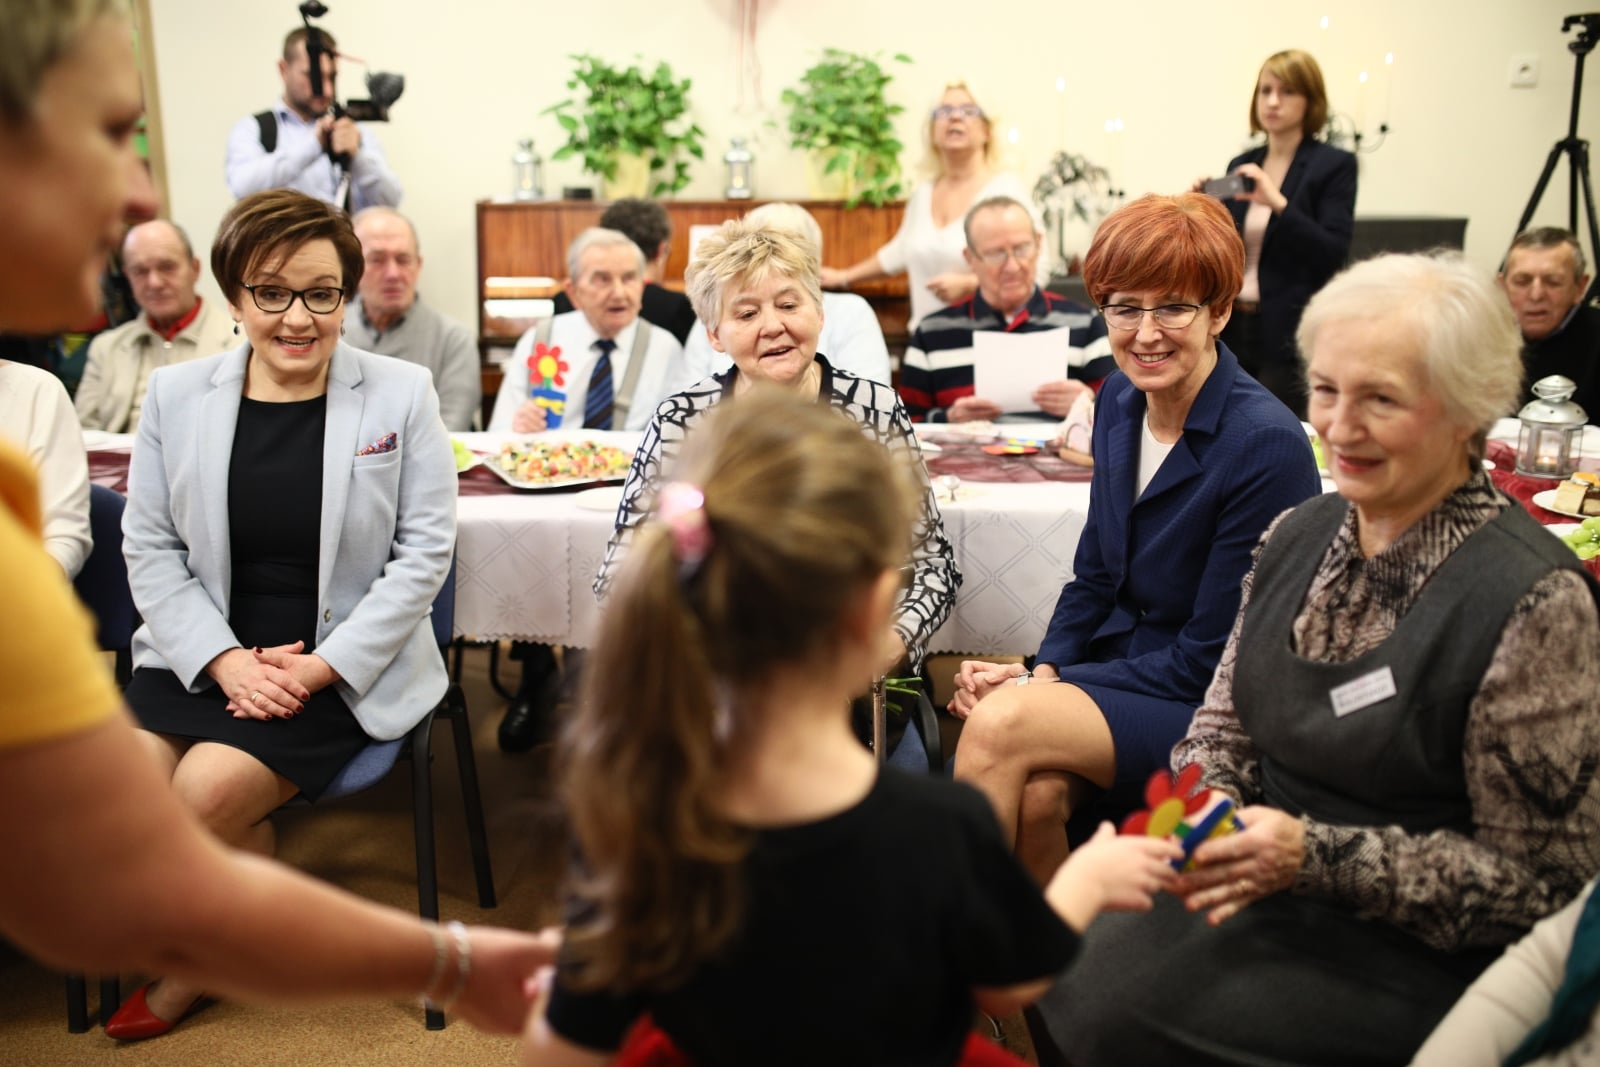 Minister rodziny, pracy i polityki społecznej Elżbieta Rafalska oraz minister edukacji Anna Zalewska podczas spotkania z seniorami z Domu Dziennego Pobytu Senior+ w przedszkolu nr 2